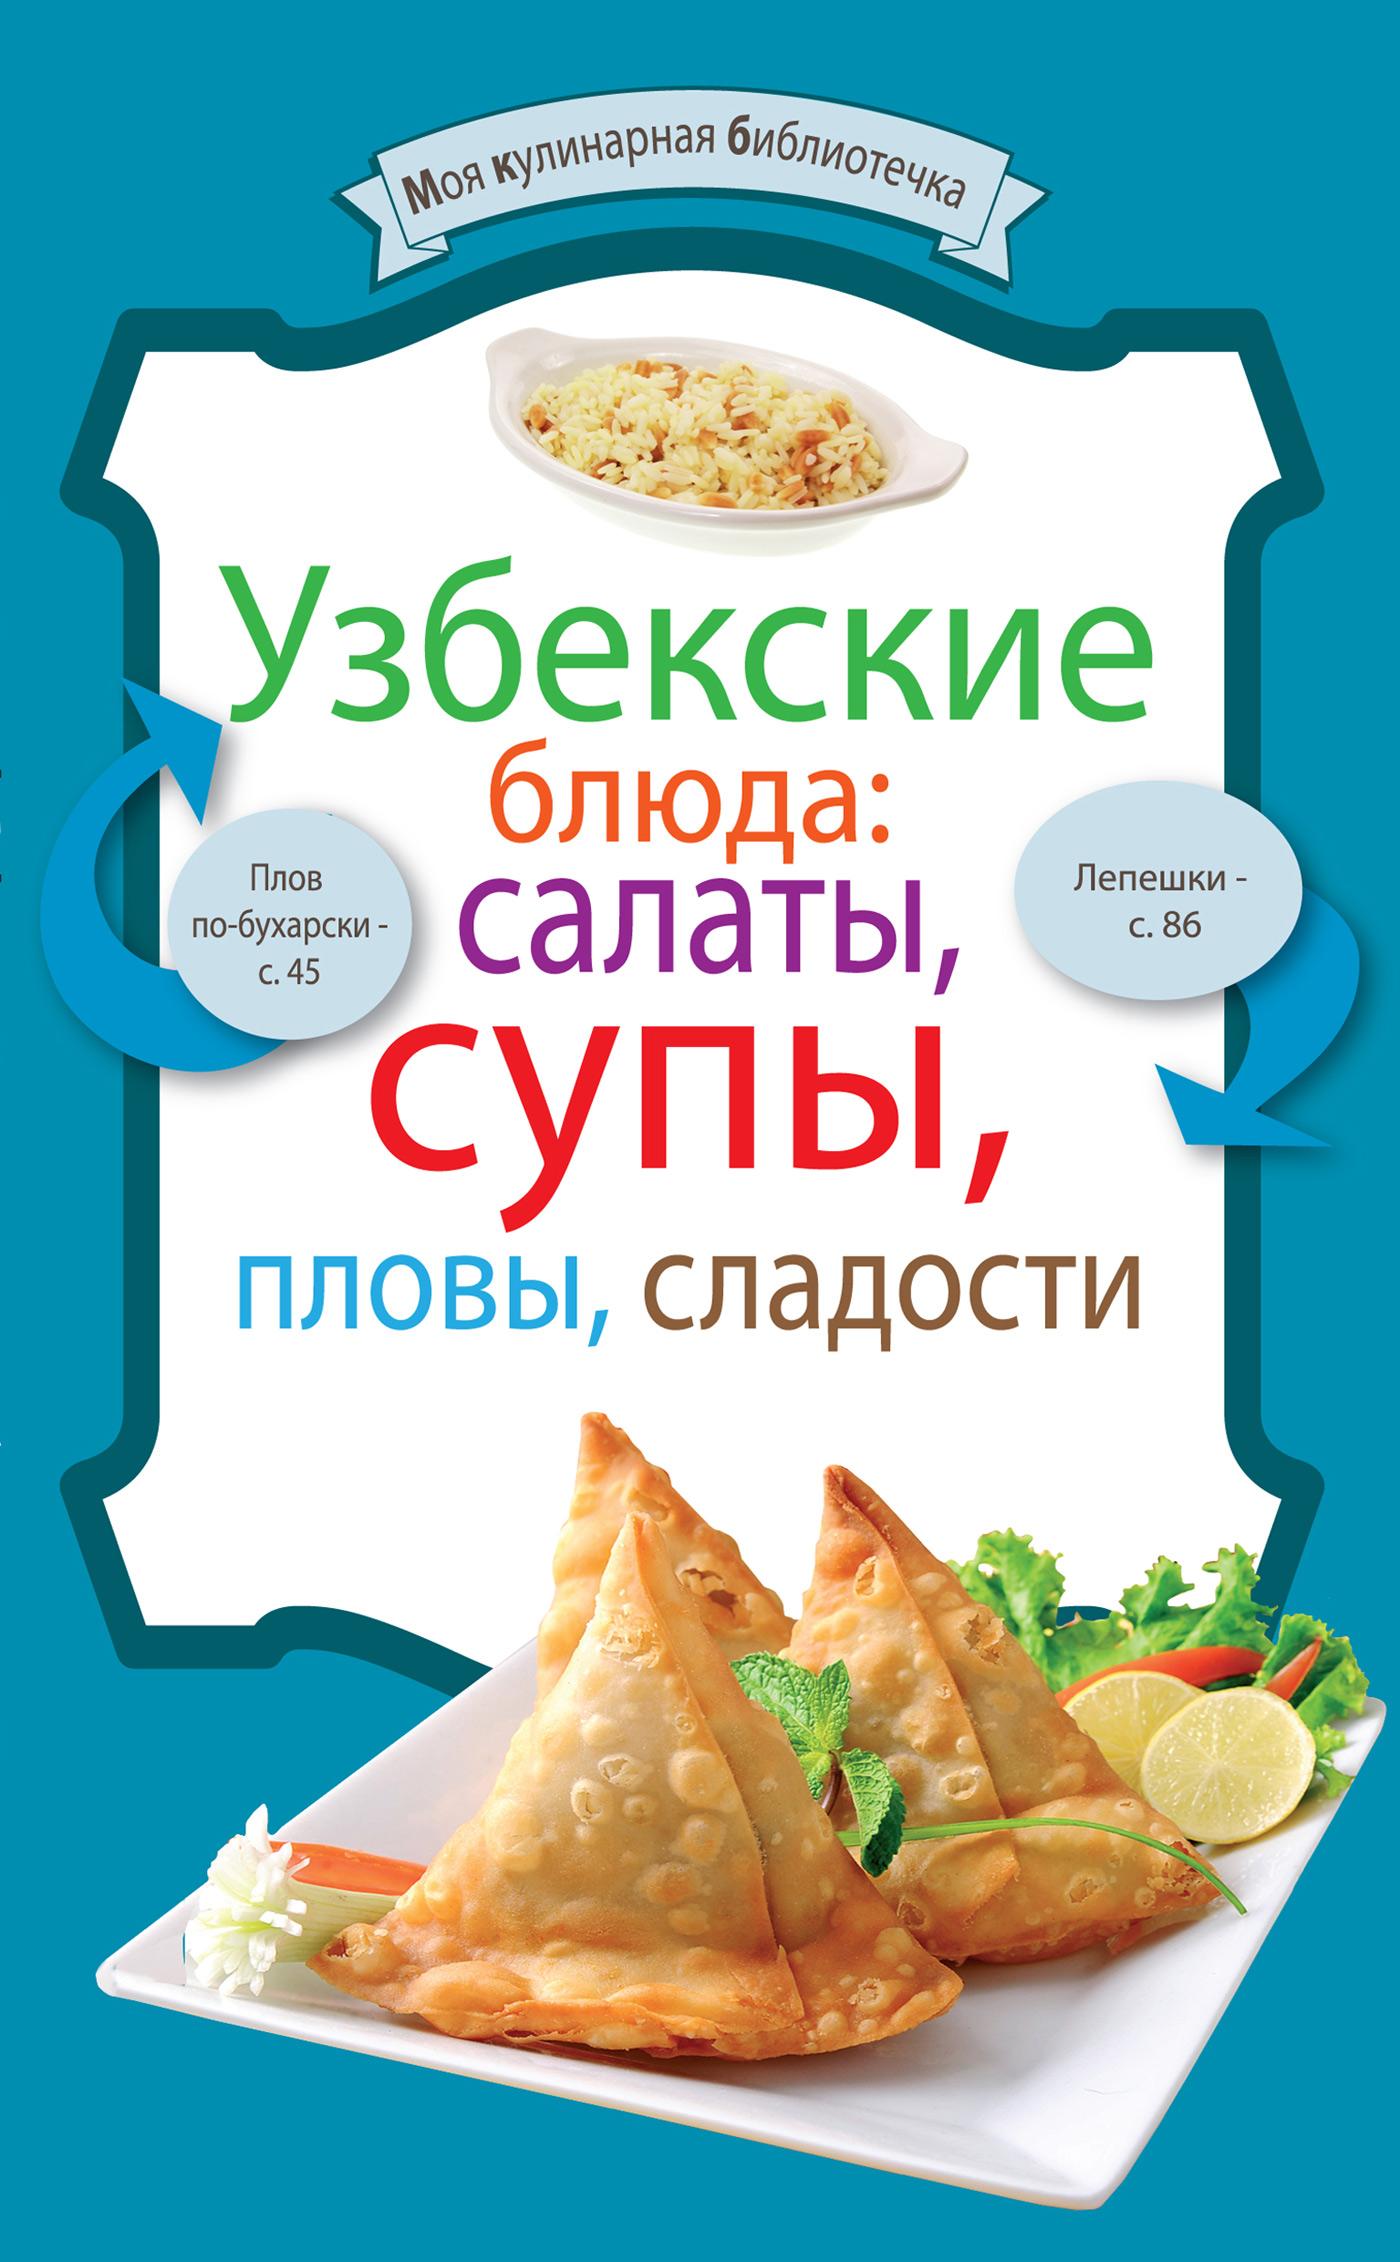 Фото - Сборник рецептов Узбекские блюда: салаты, супы, пловы, десерты супы